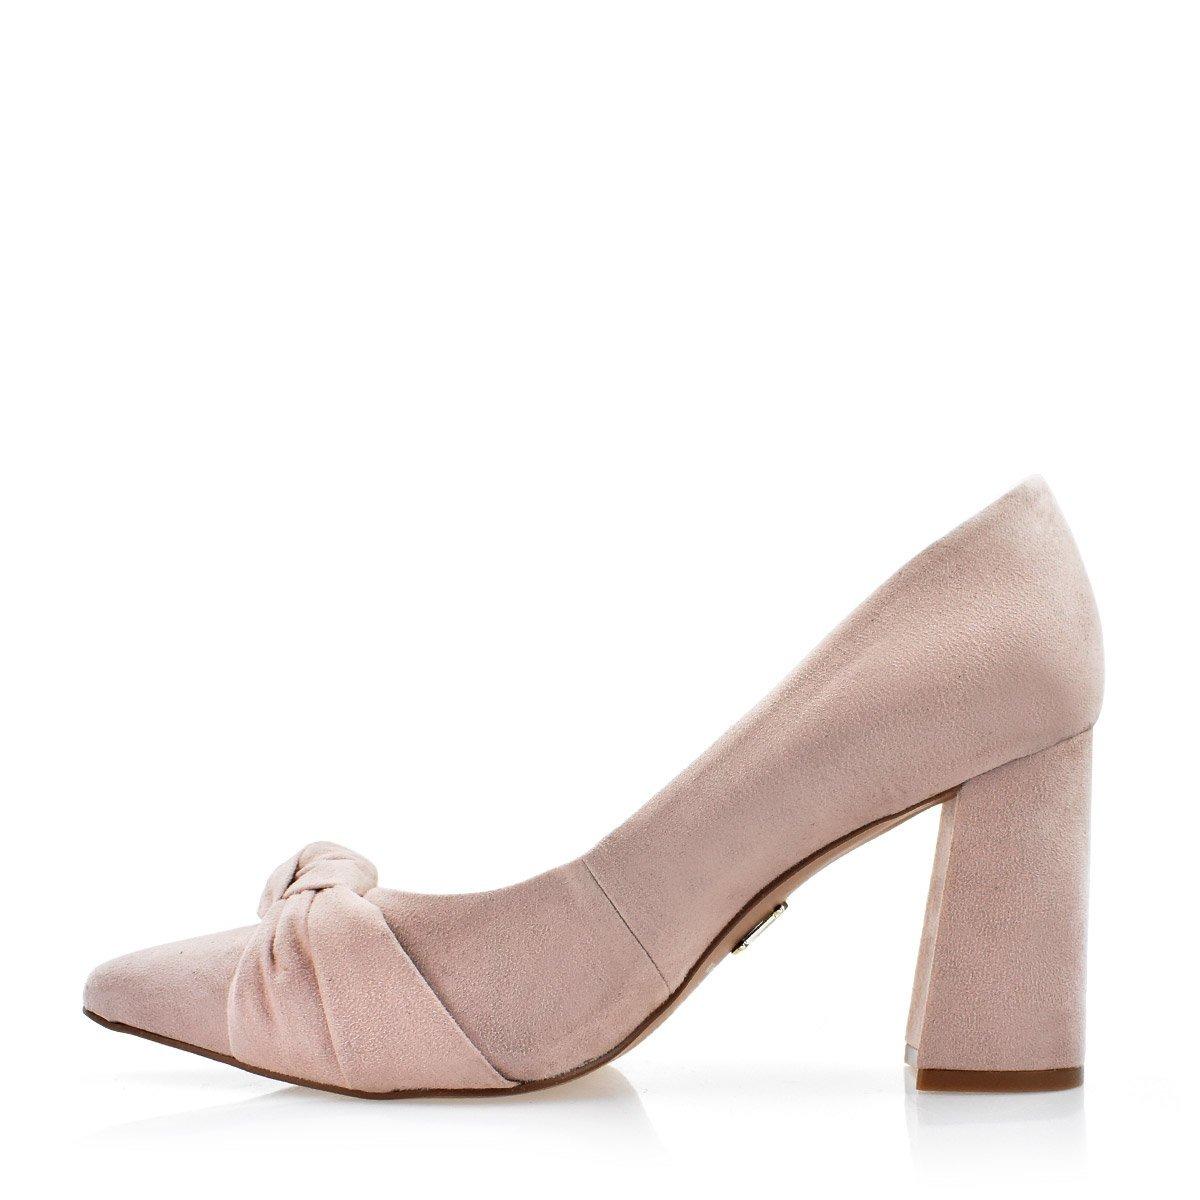 1e9ade99ff scarpin uza shoes salto grosso alto em camurça b14h618b0007. Carregando  zoom.